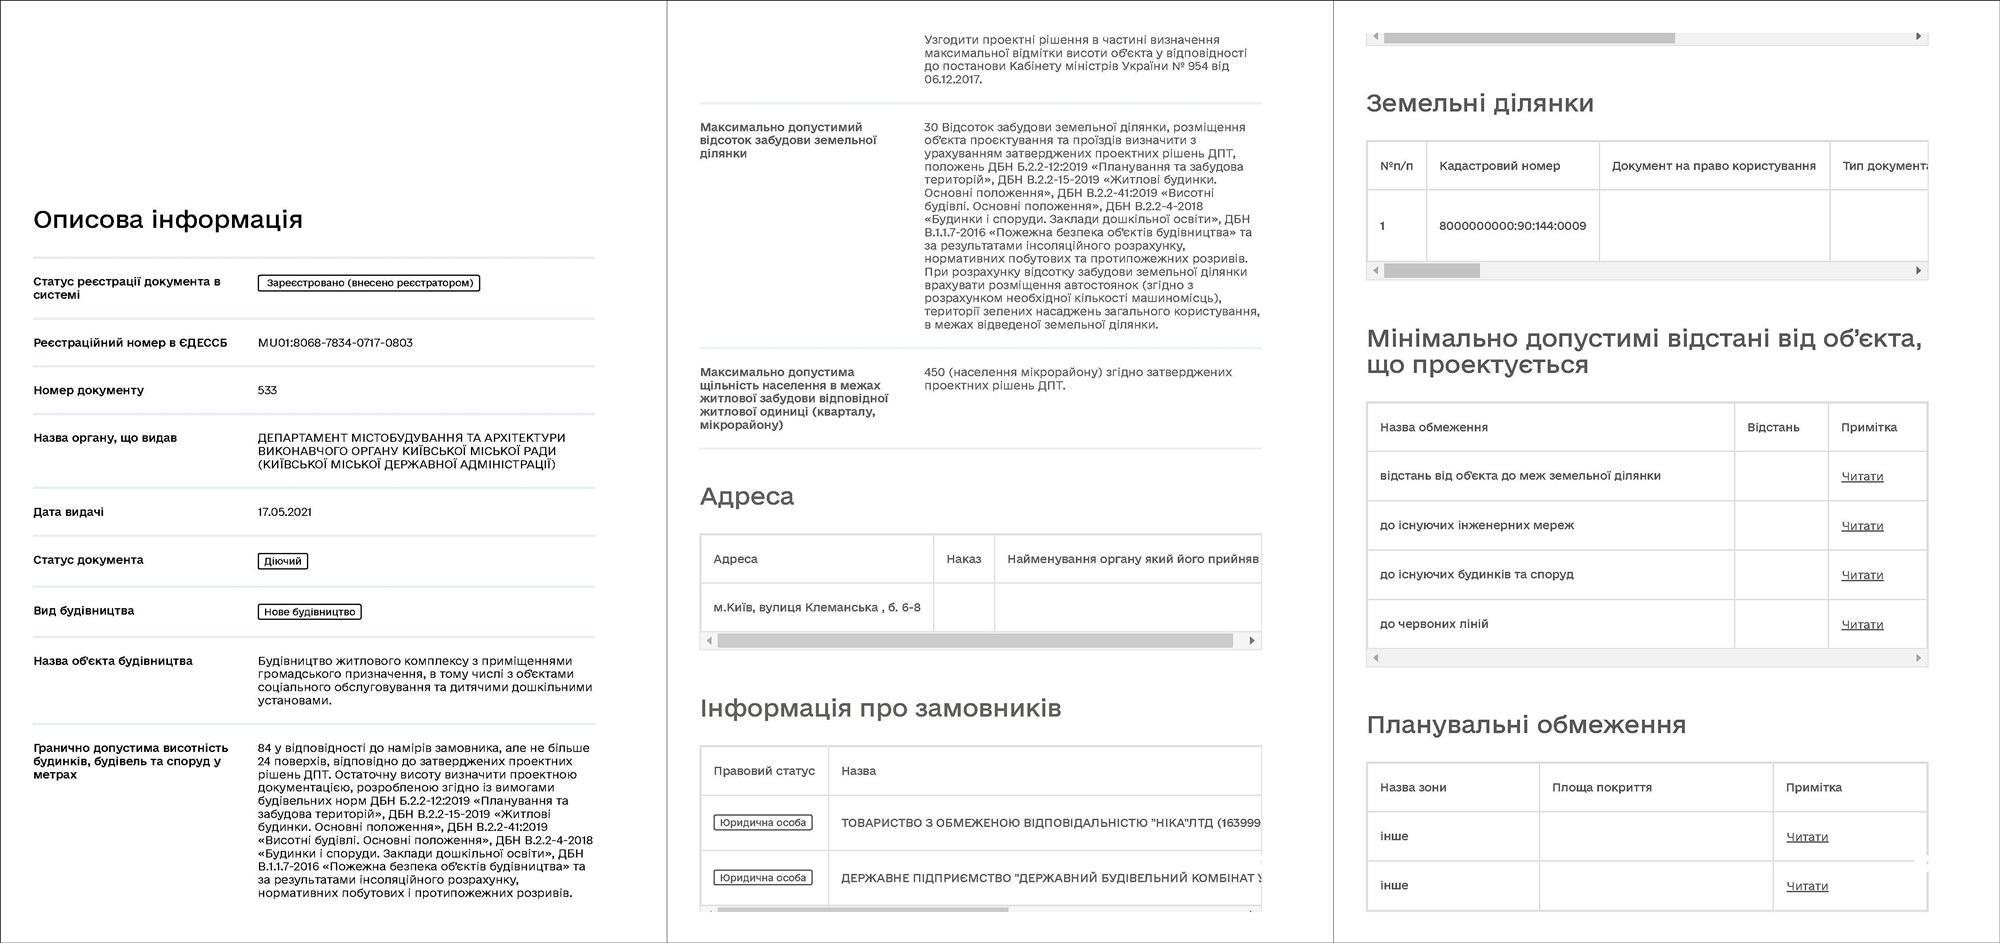 Проект ЖК по ул. Клеманская, 6-8 ГУО на застройку участка